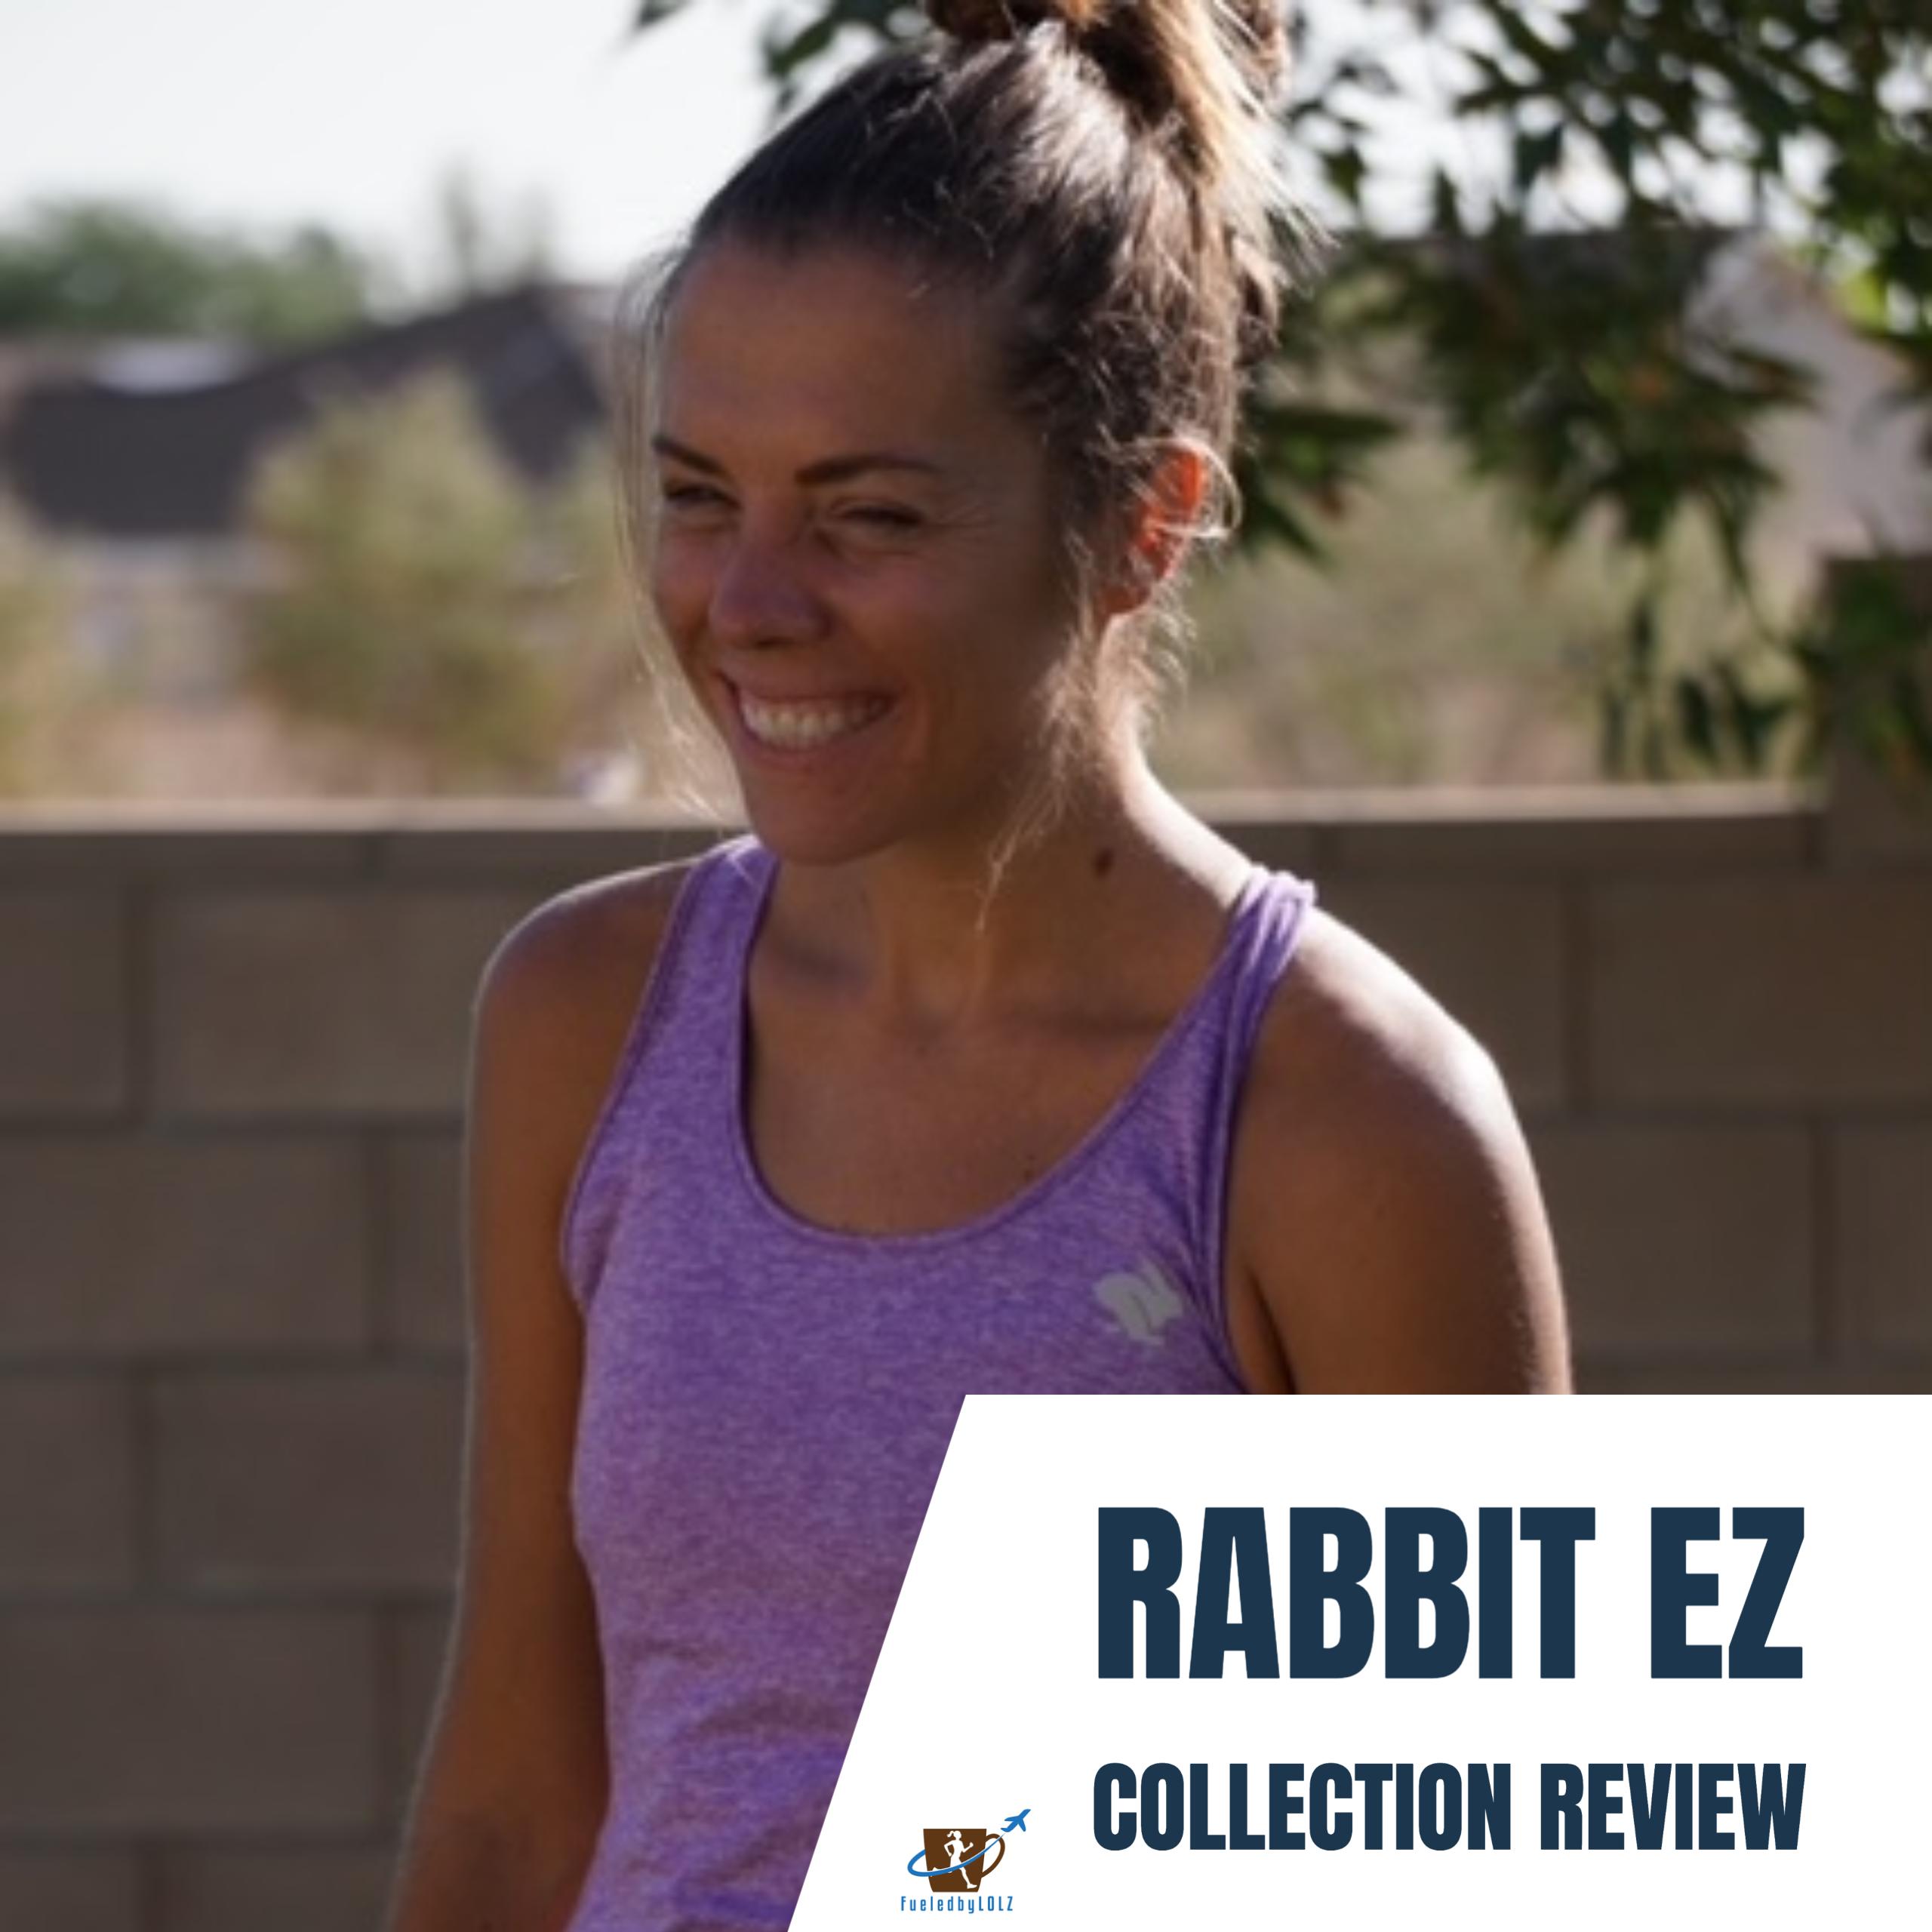 rabbit EZ Collection Review